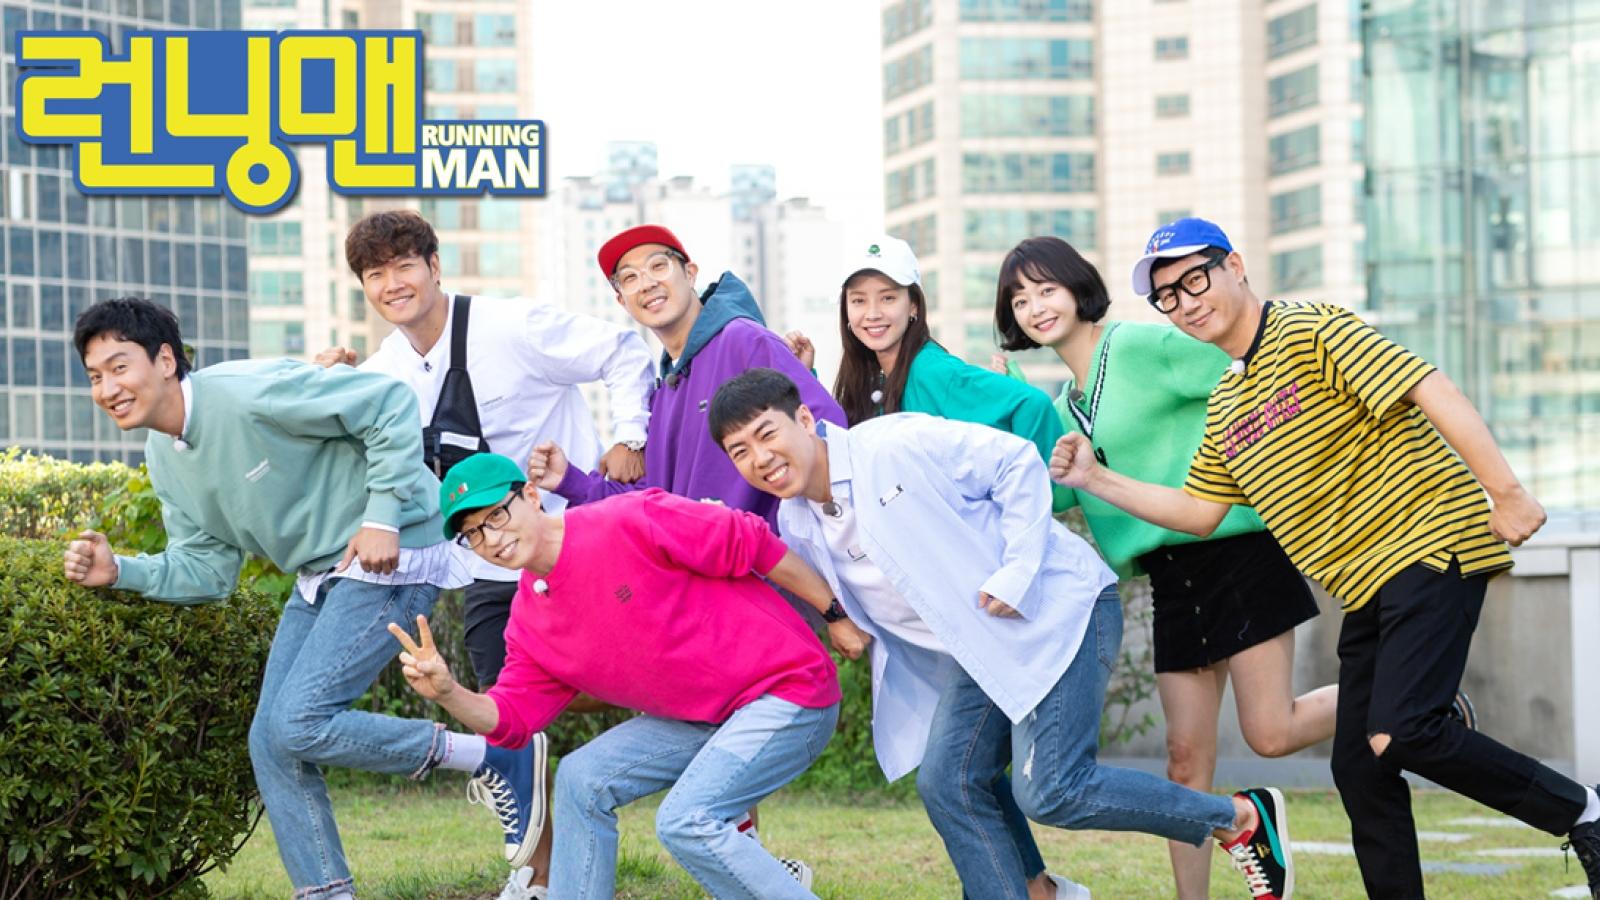 """Hành trình 11 năm chạy cùng Running Man của """"Hoàng tử châu Á"""" Lee Kwang Soo"""